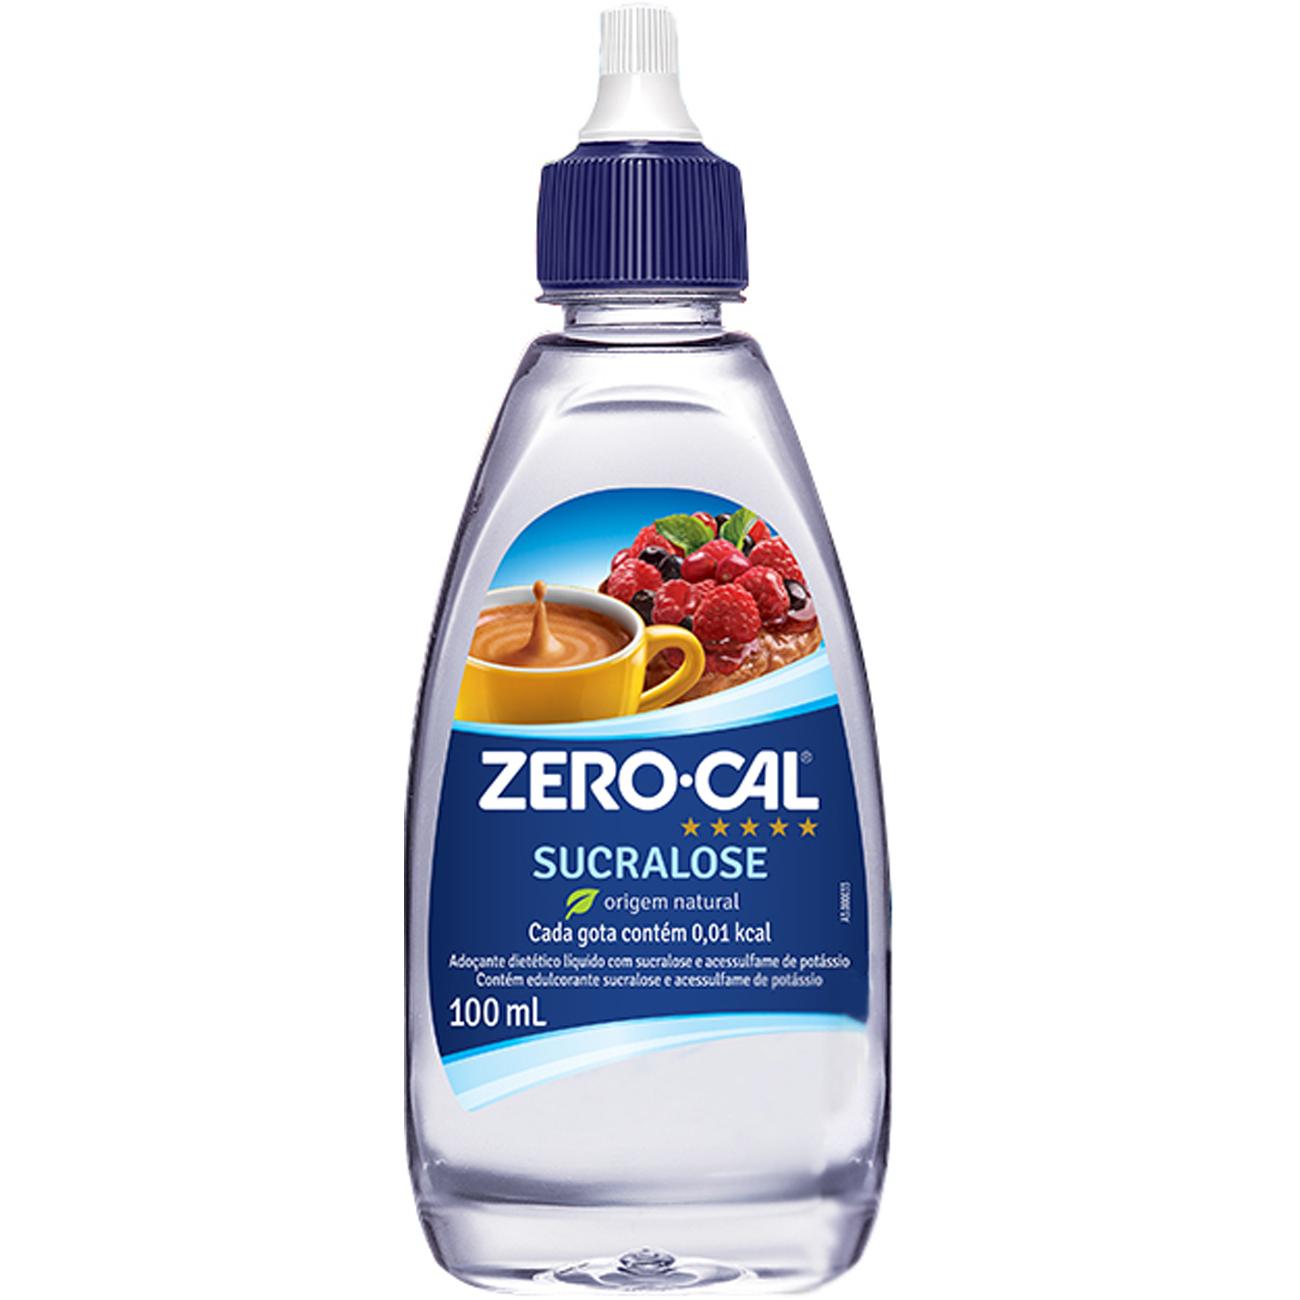 Adocante Zero-Cal Sucralose 100Ml